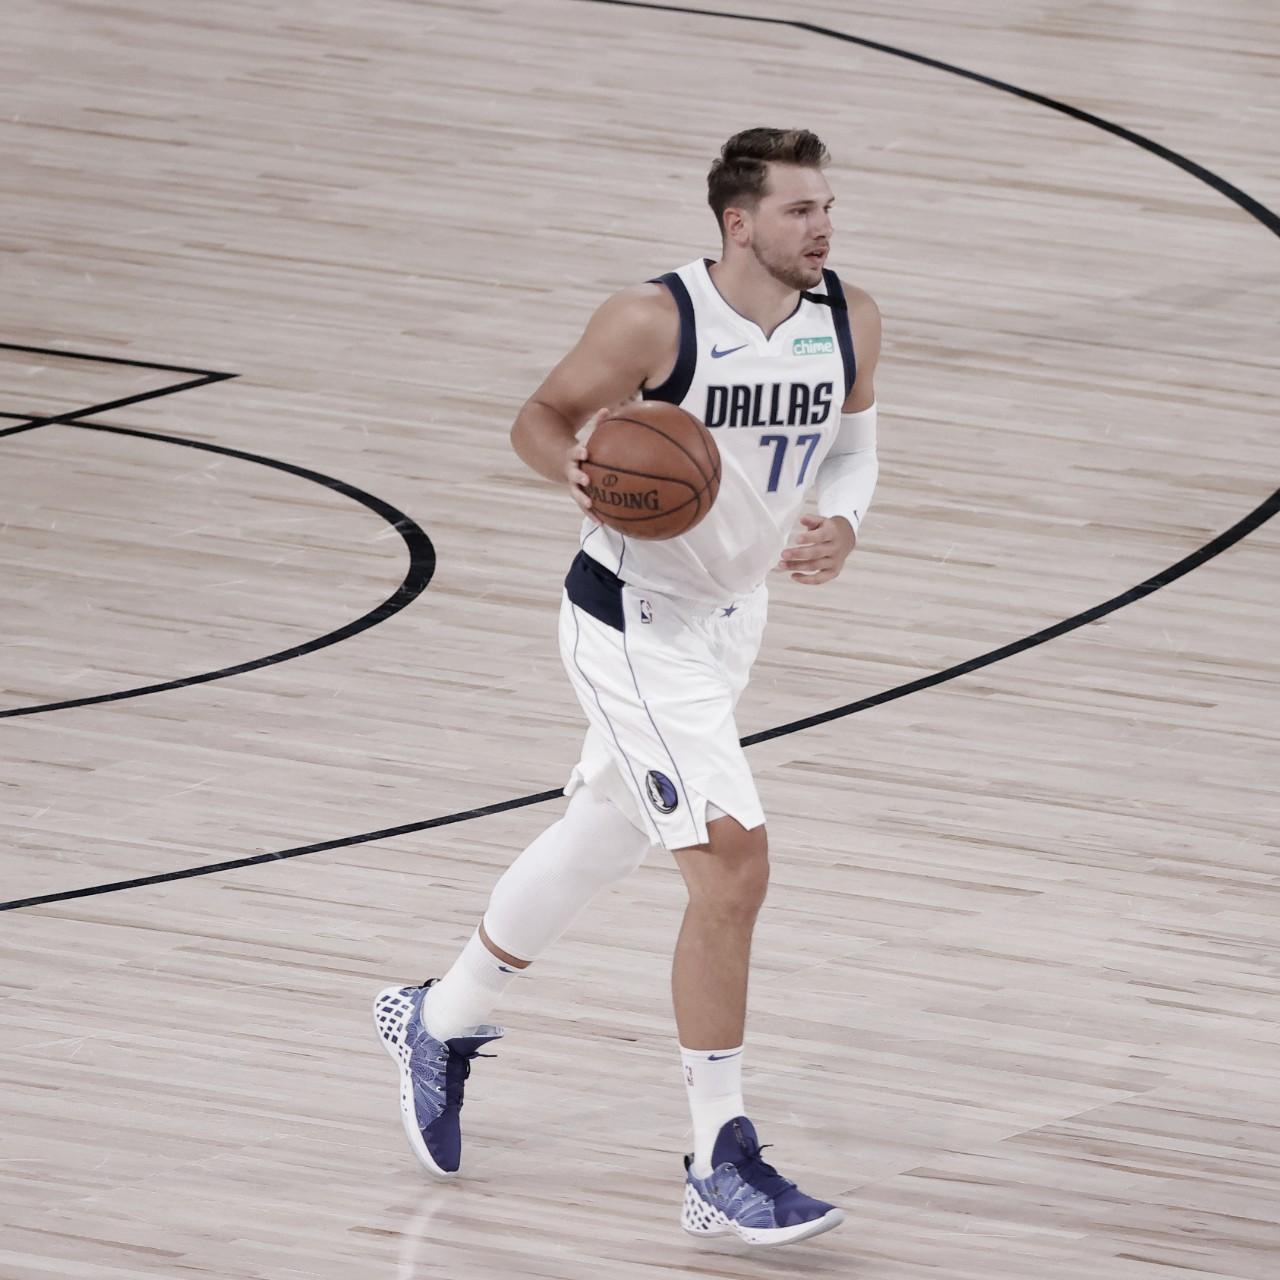 Resumen de la jornada NBA: Luka Doncic se exhibe ante los Bucks